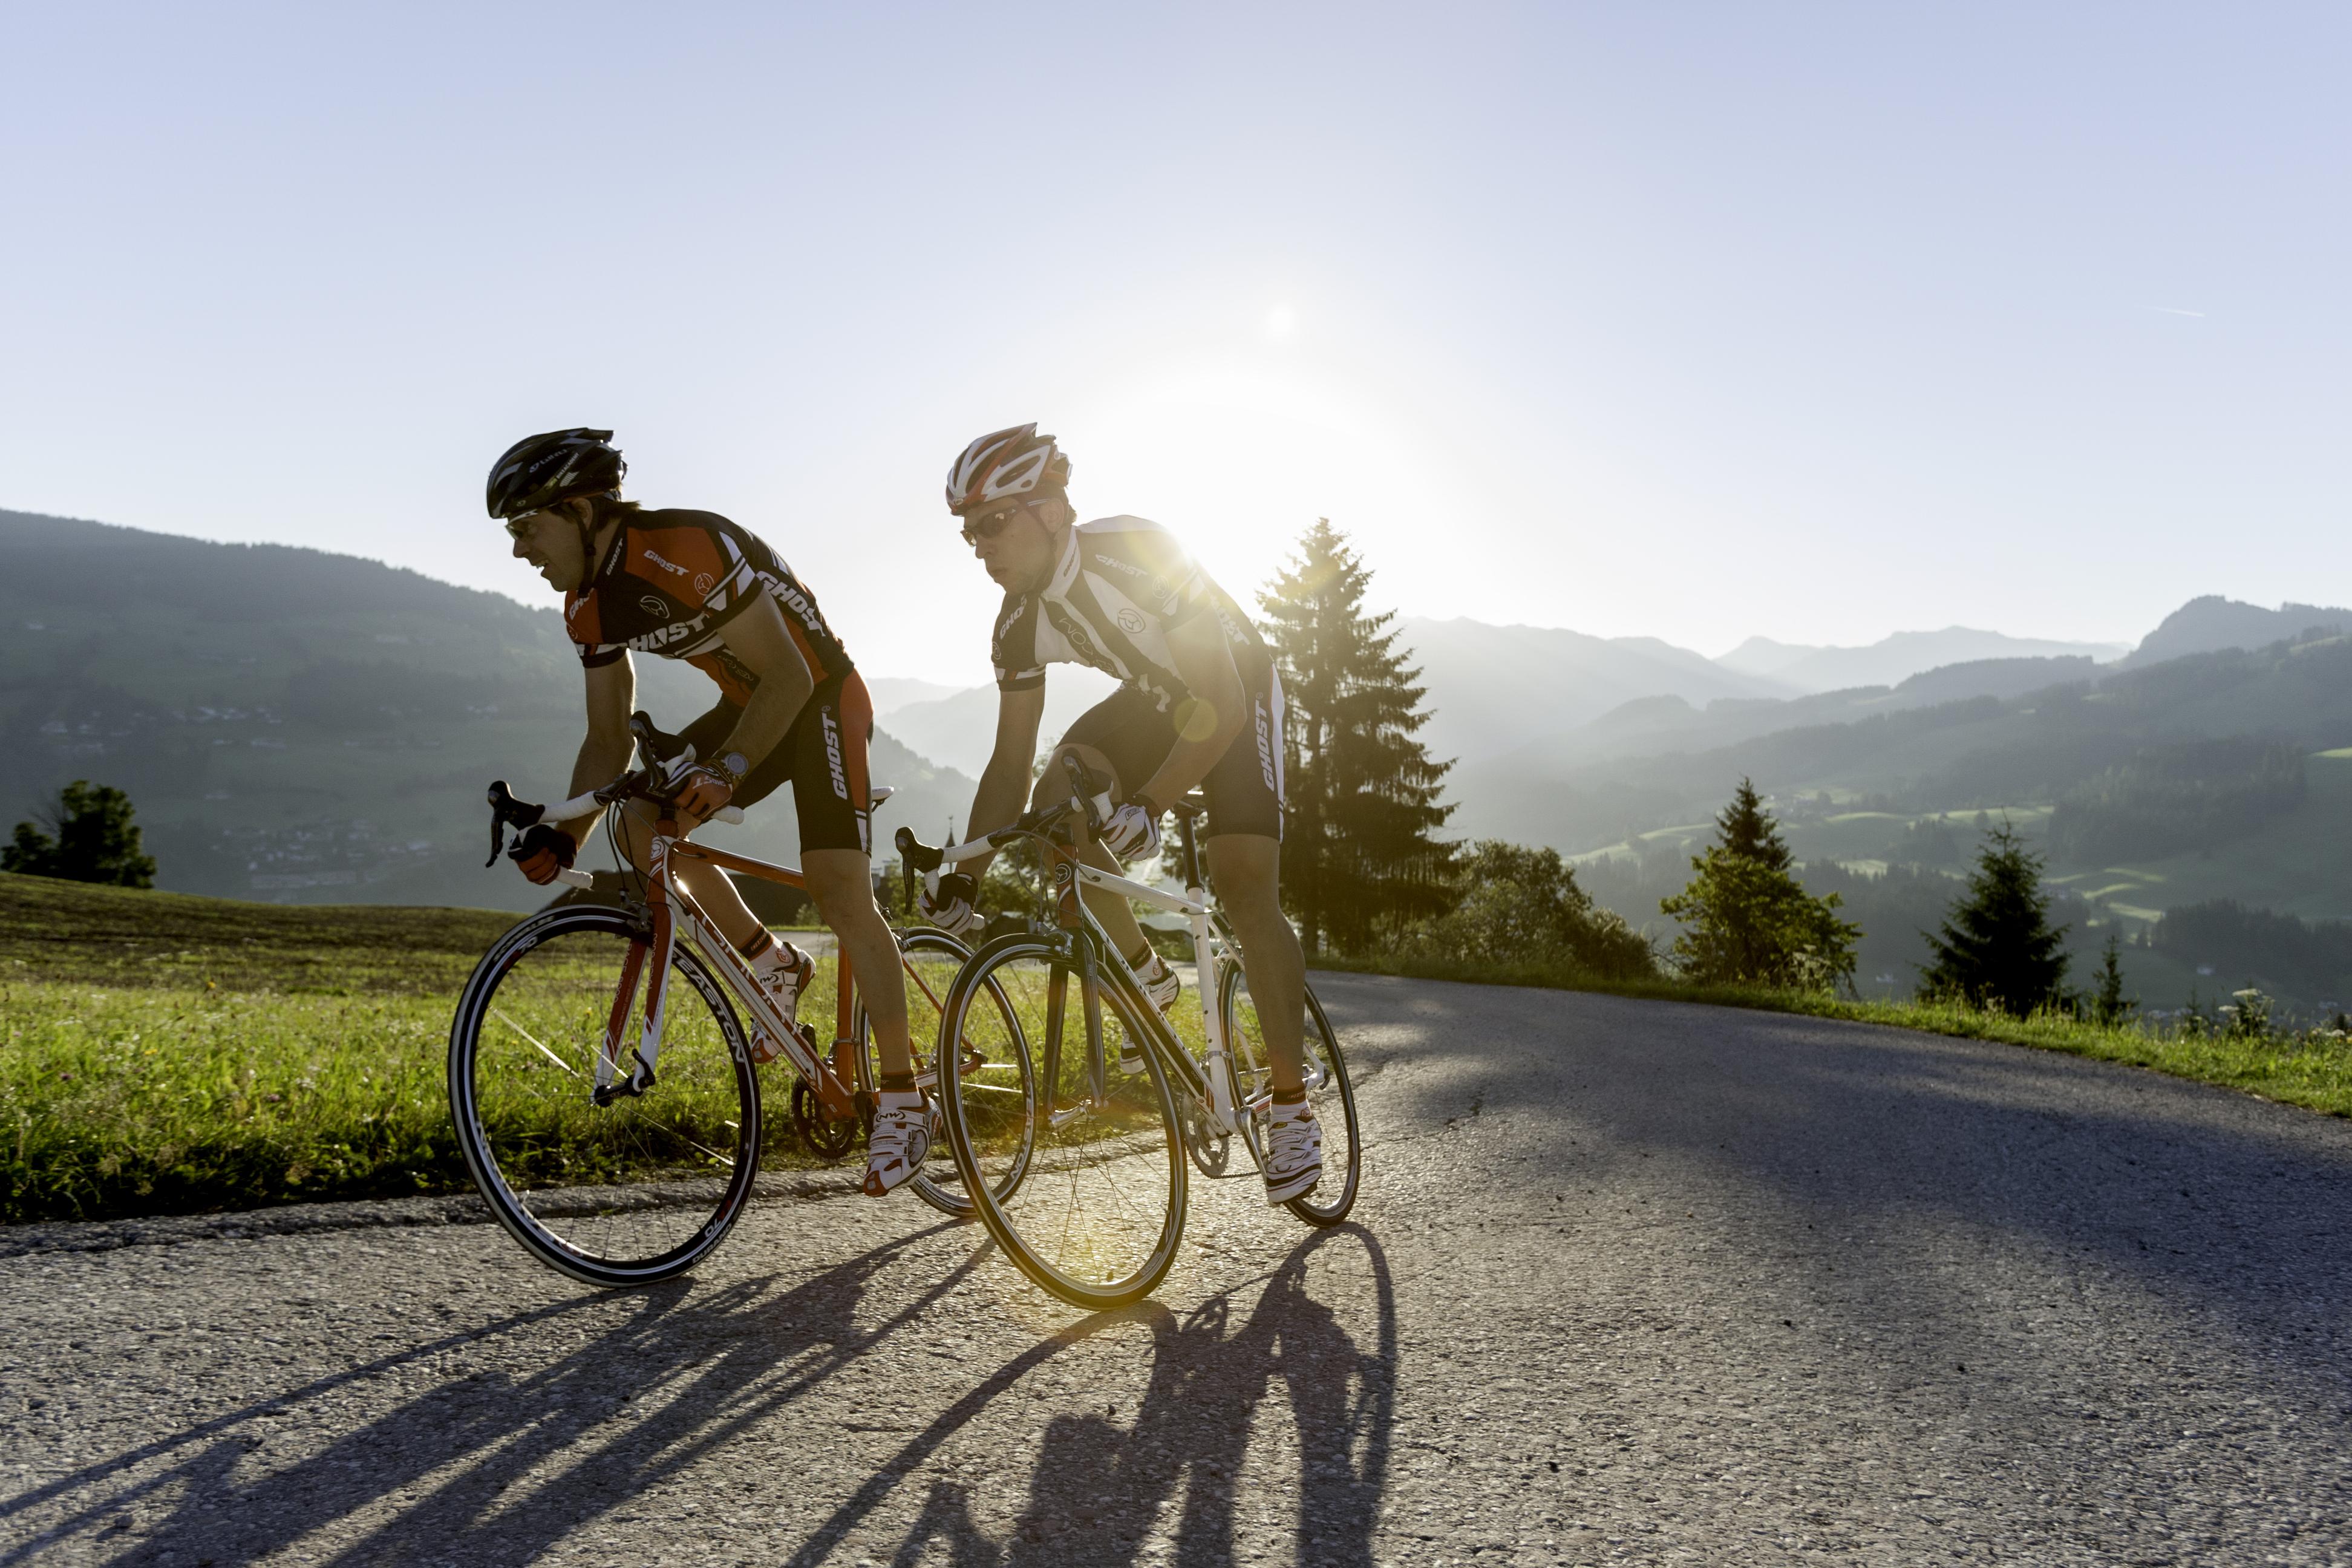 bici da corsa caratteristiche tecniche